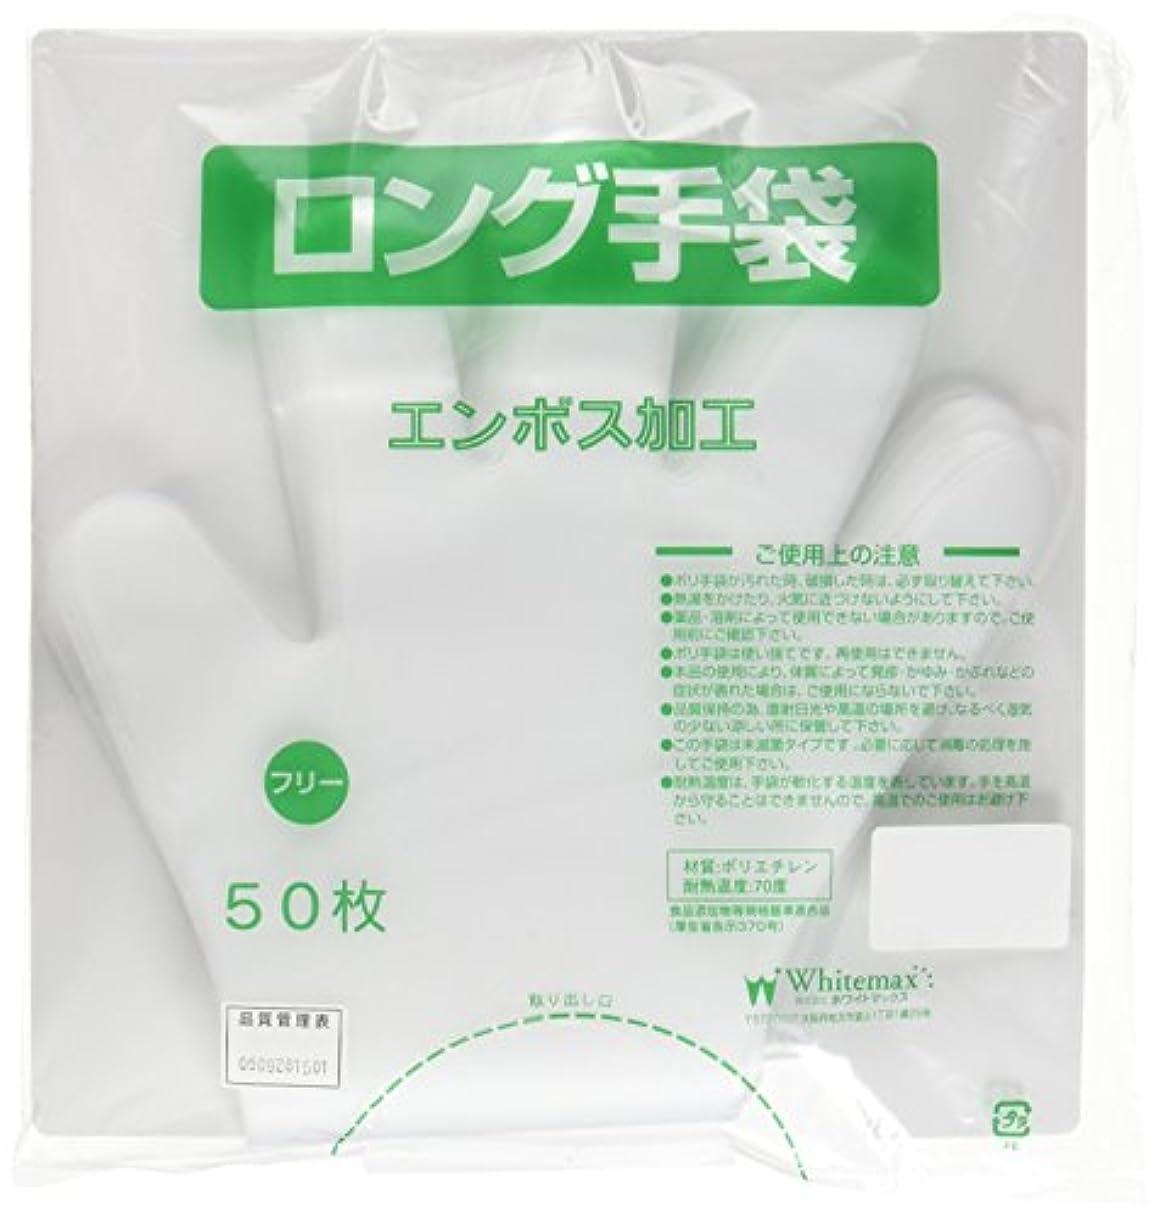 歯科の乳白色風が強いホワイトマックス エンボスロング手袋 そでゴム無し 50枚入 TP-11